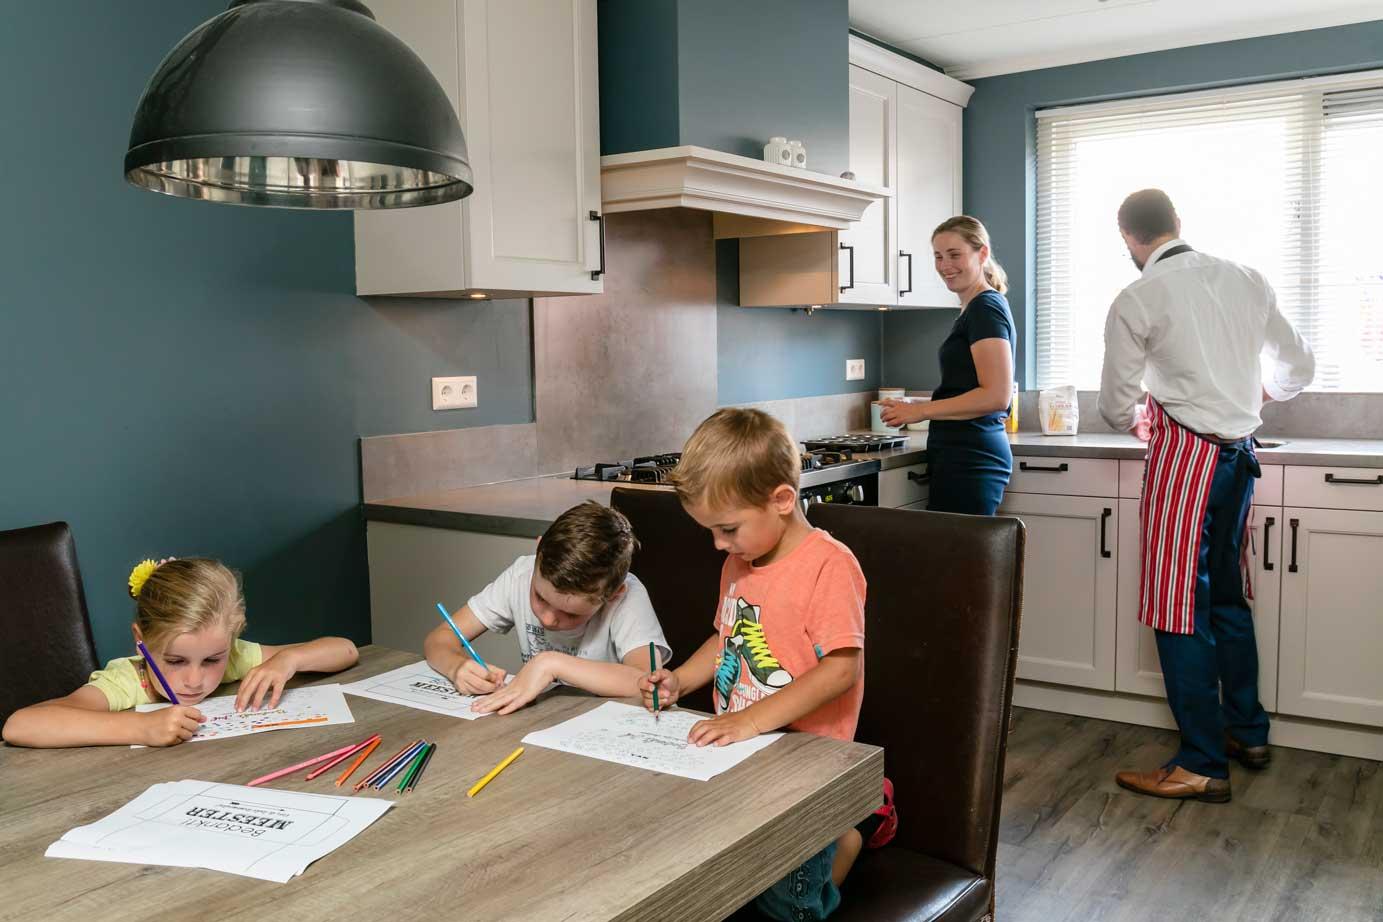 Landelijk Keuken Lampen : Landelijke keukens kopen bekijk voorbeelden db keukens